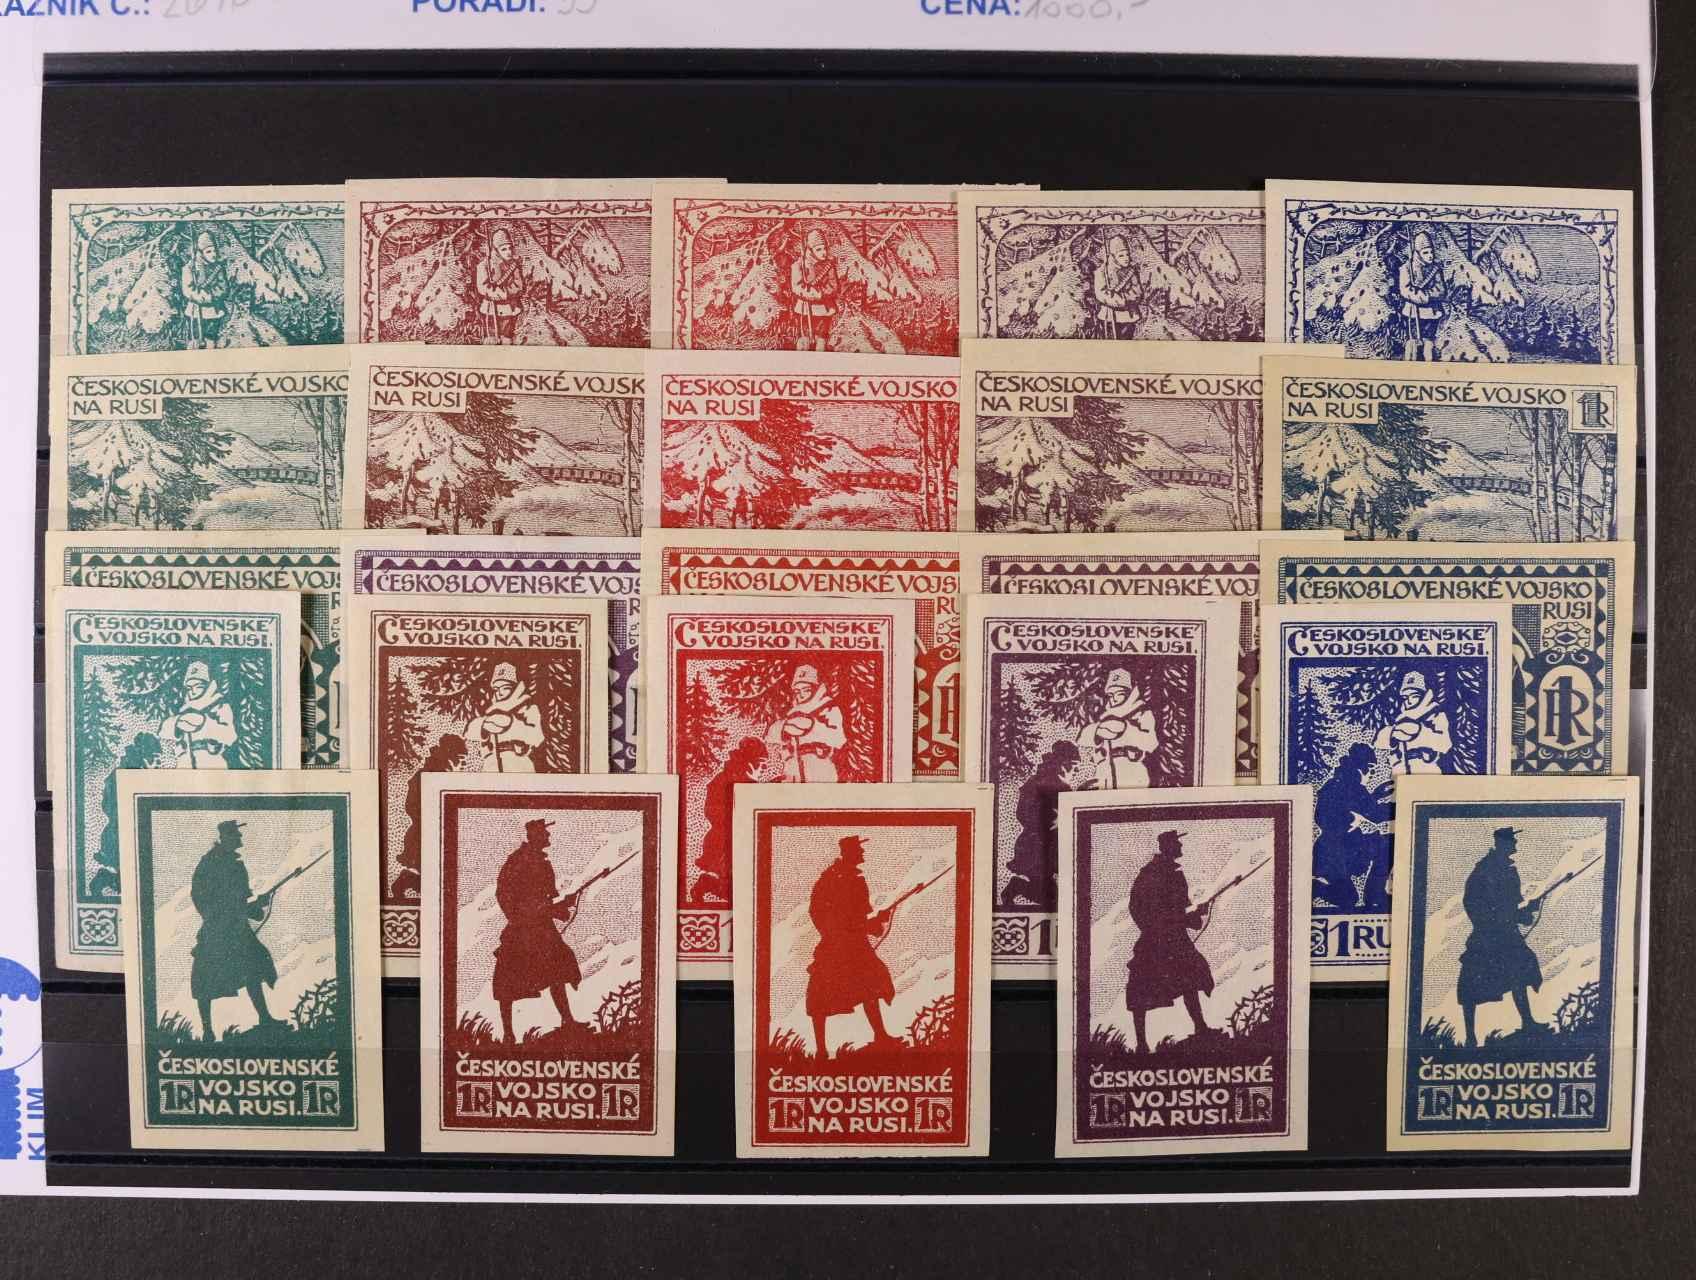 sestava 25 ks esejí (5 různých kreseb) vždy v barvě zelené, hnědé, červené, fialové a modré